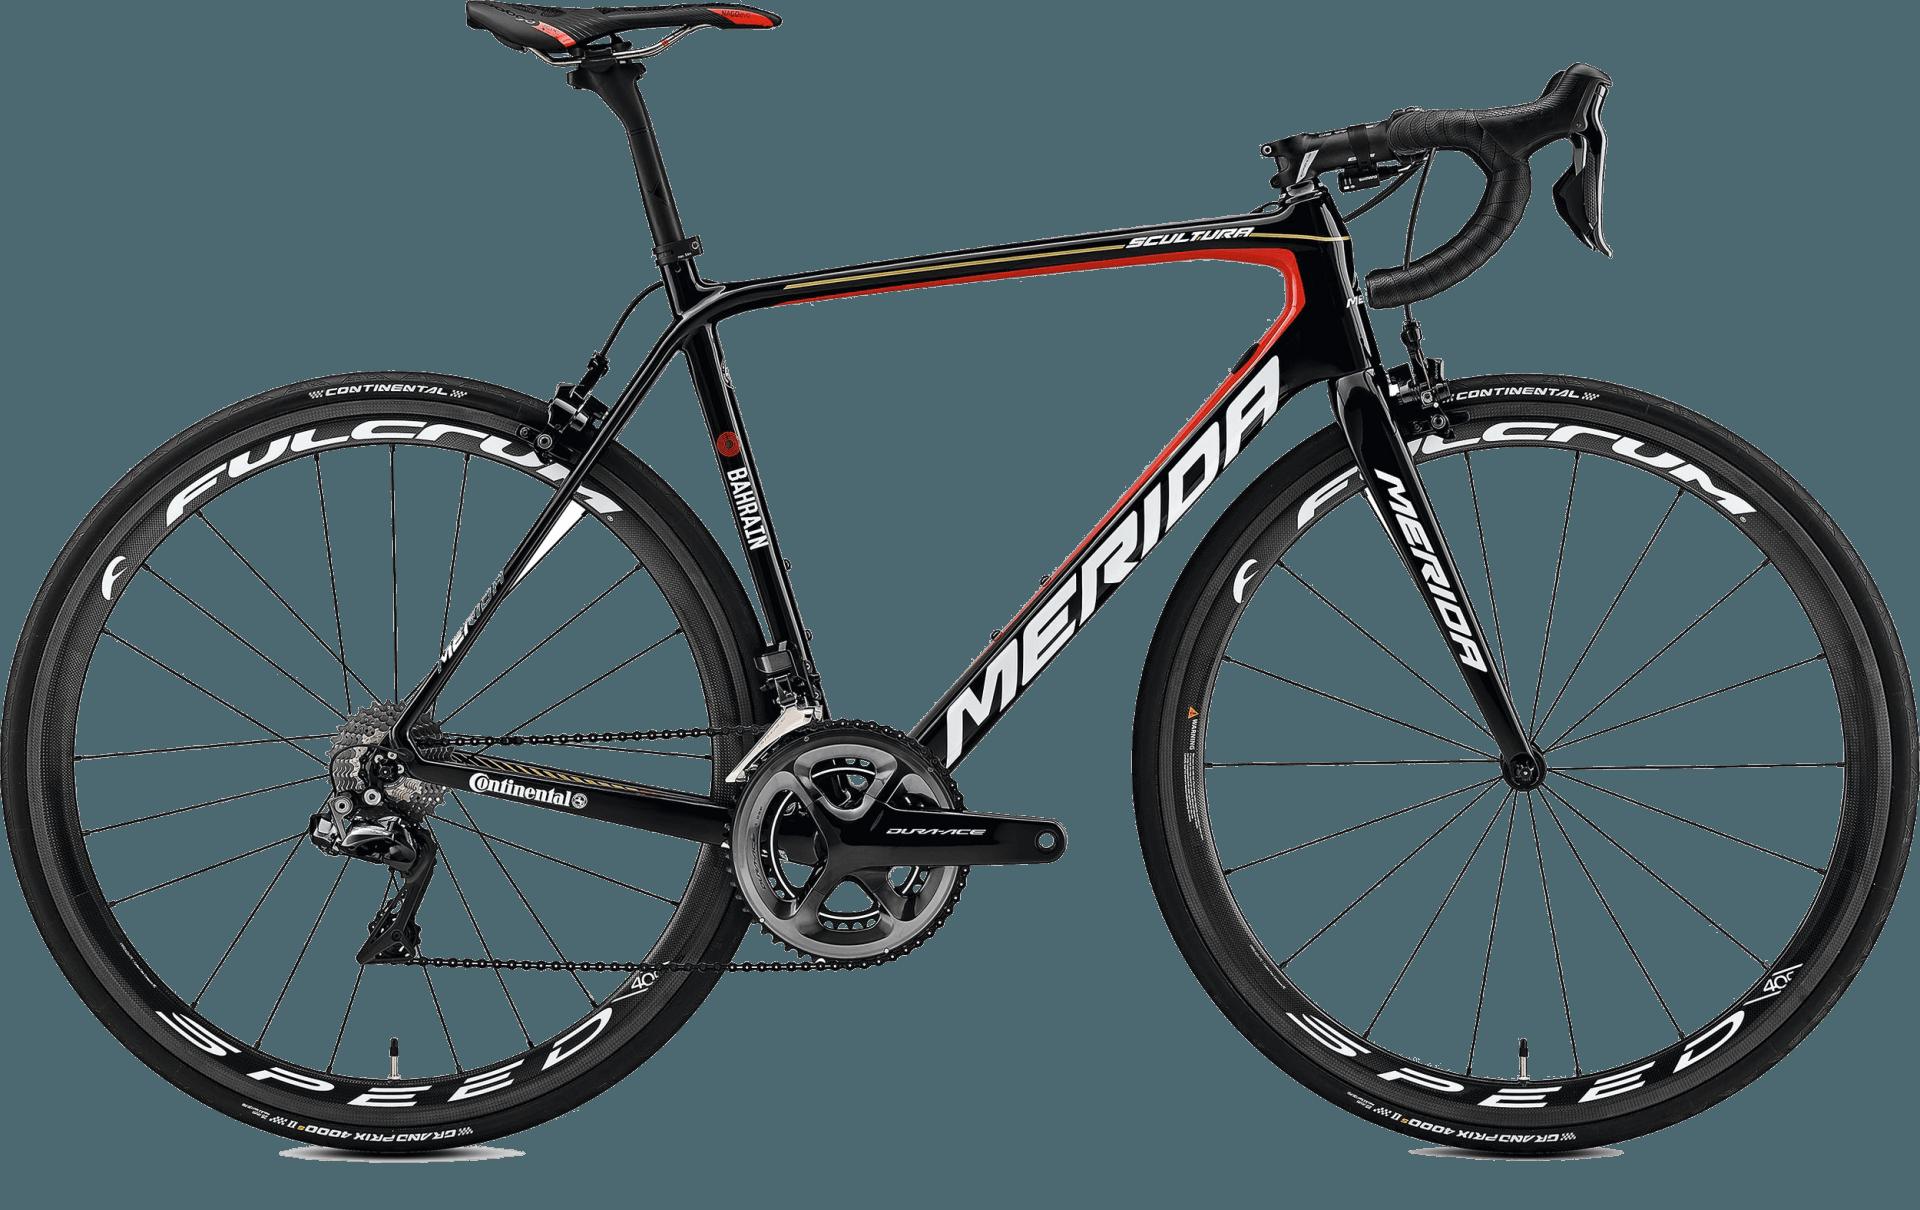 Biciclette Da Competizione Genova Cocchi Cicli